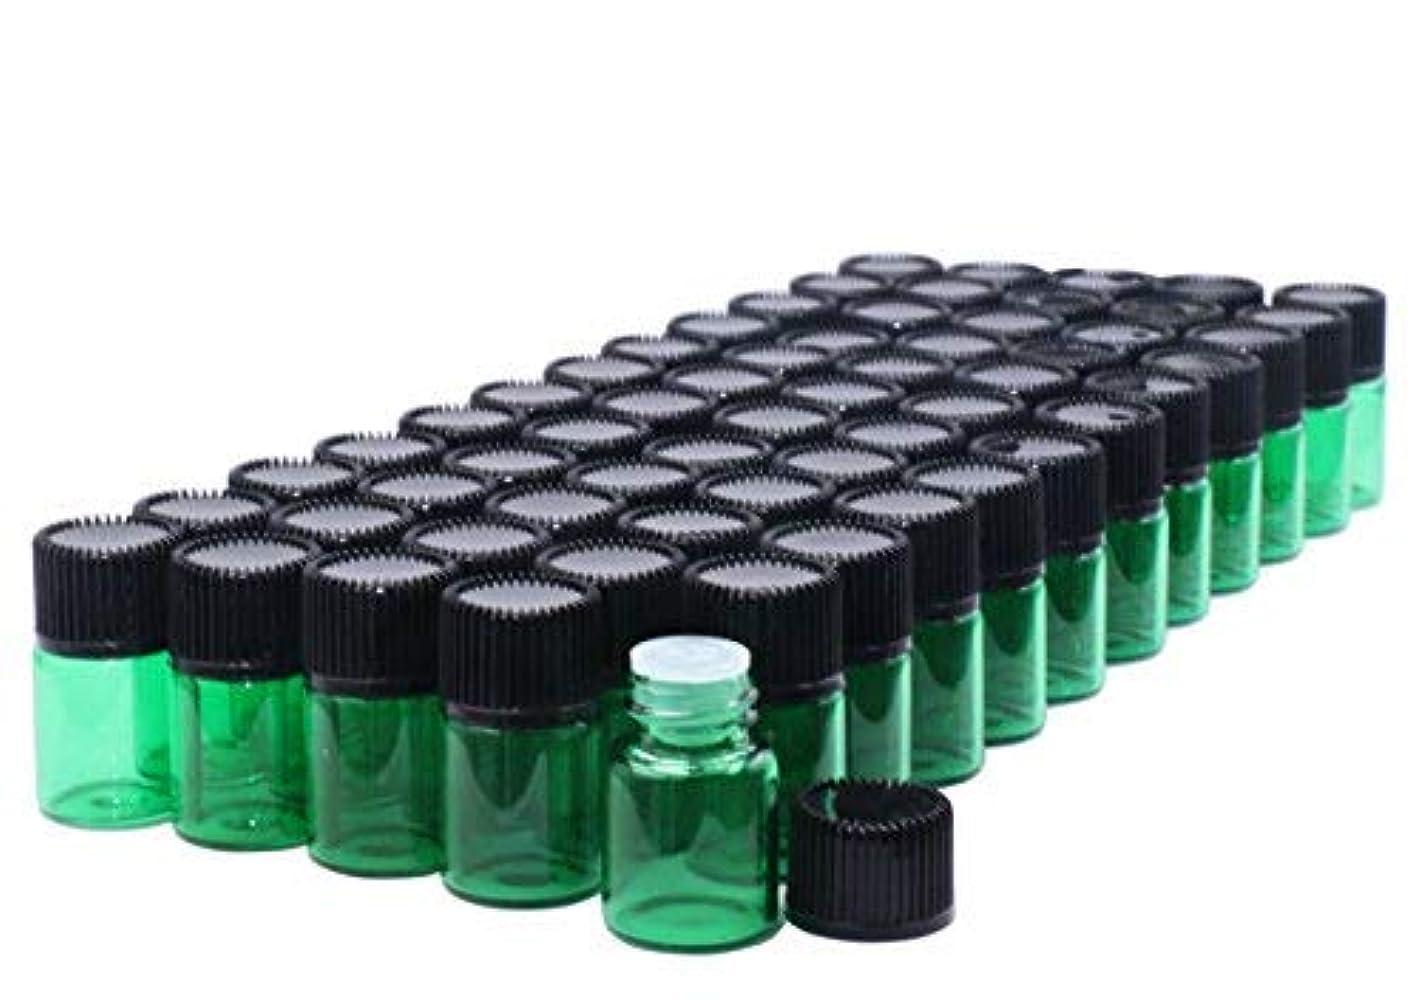 いたずら経験者ソフィーPack of 60,2 ml (5/8 Dram) Green Glass Sample Vials Empty Small glass essential oil sampling Test Bottles with...